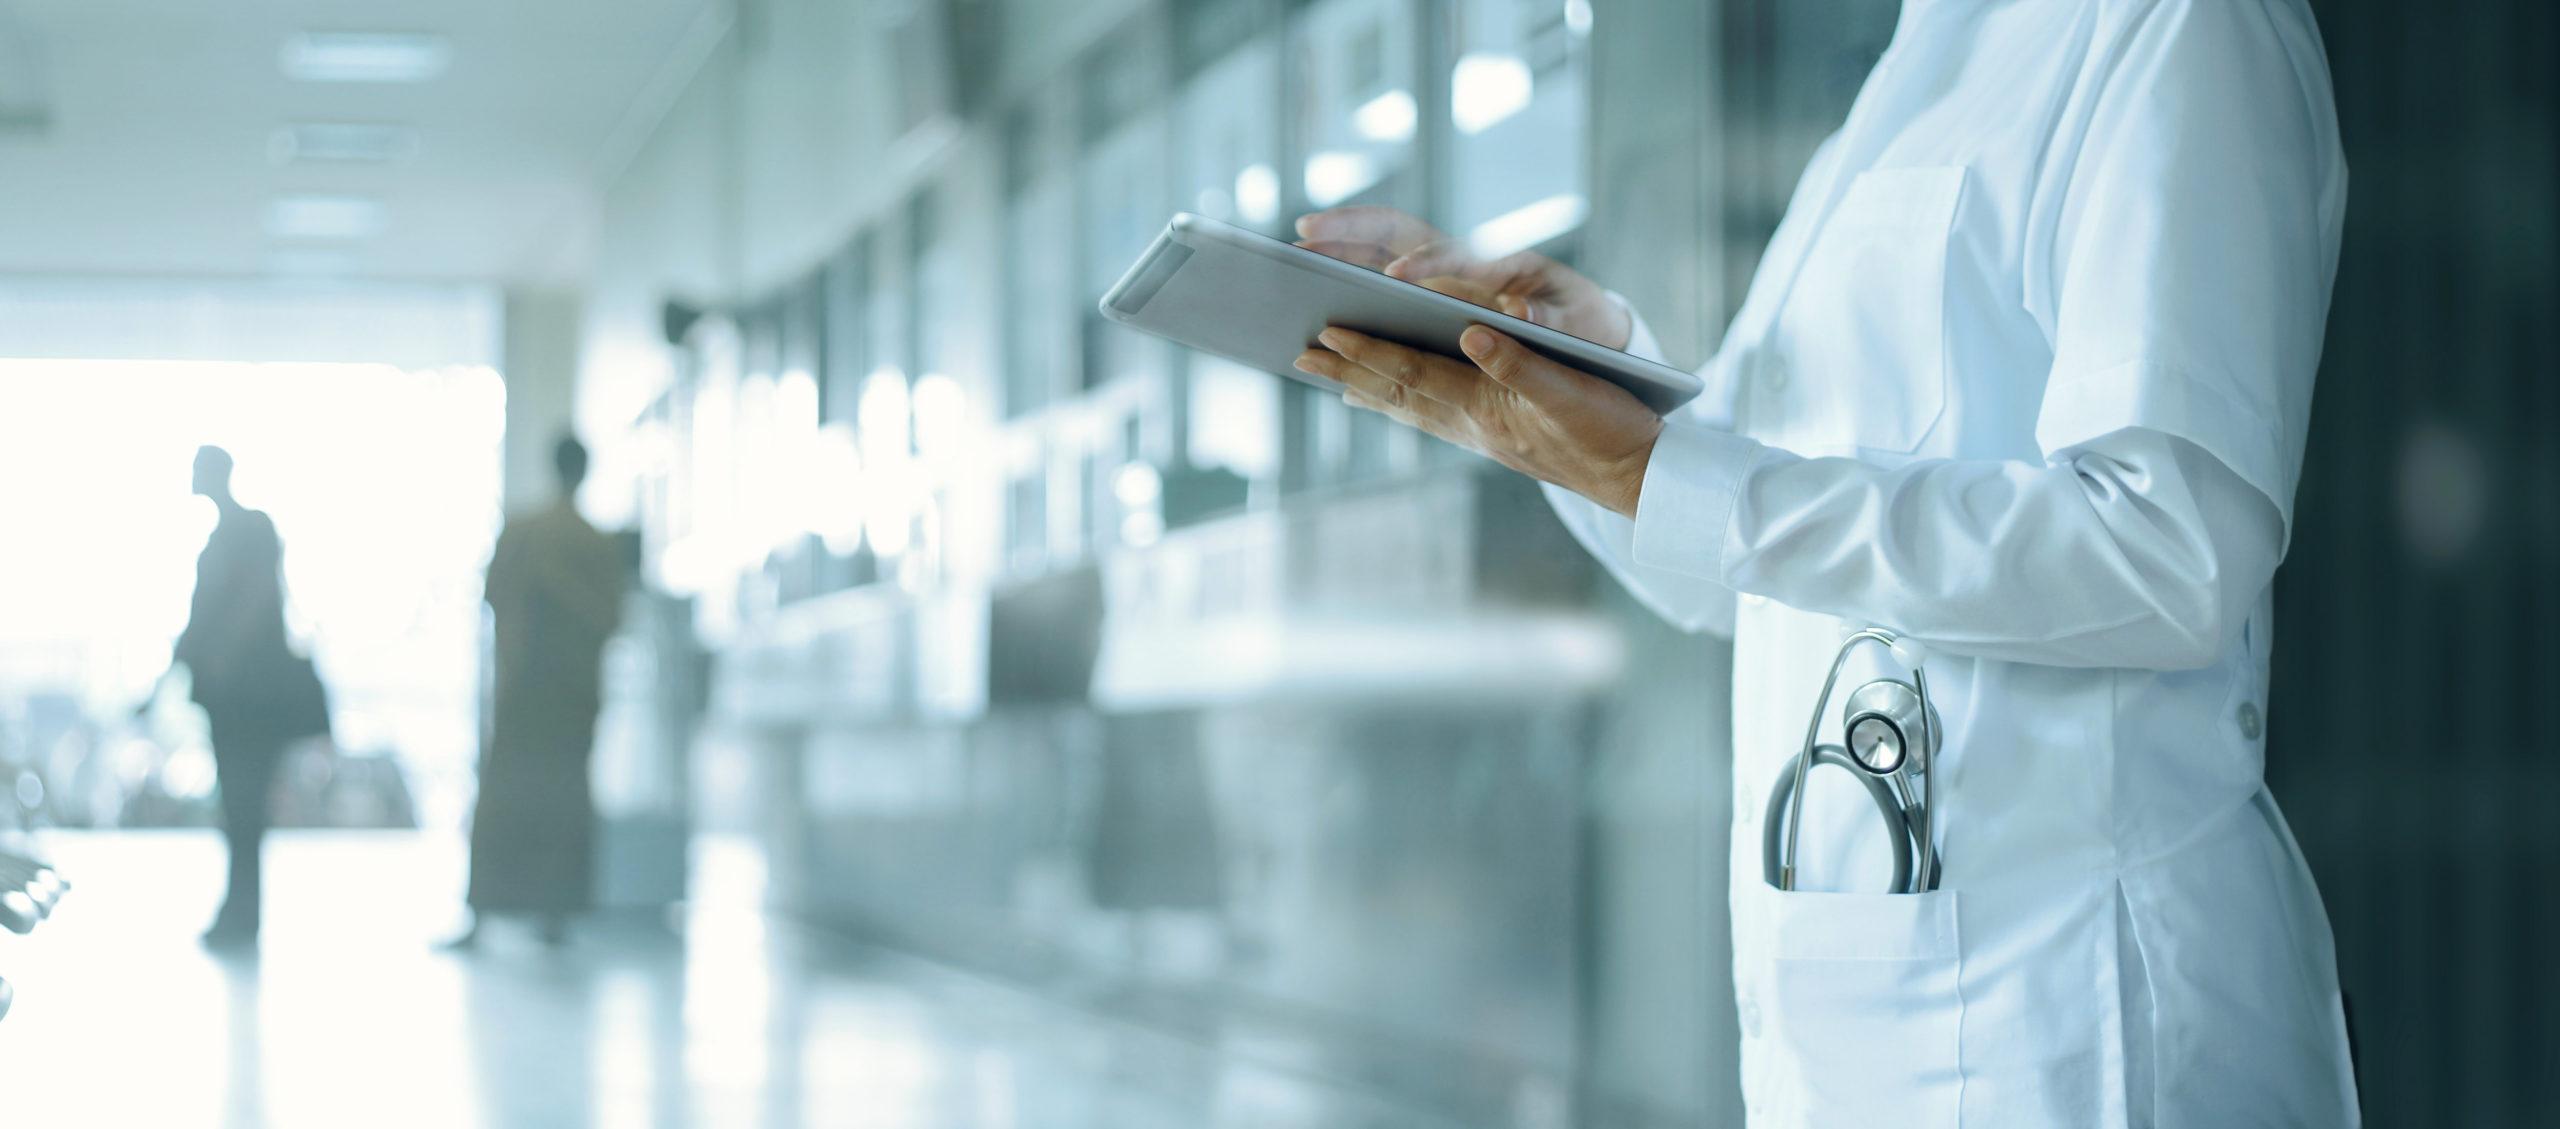 Medizin und Technik. Arzt arbeitet mit einem digitalen Tablett im Krankenhaus